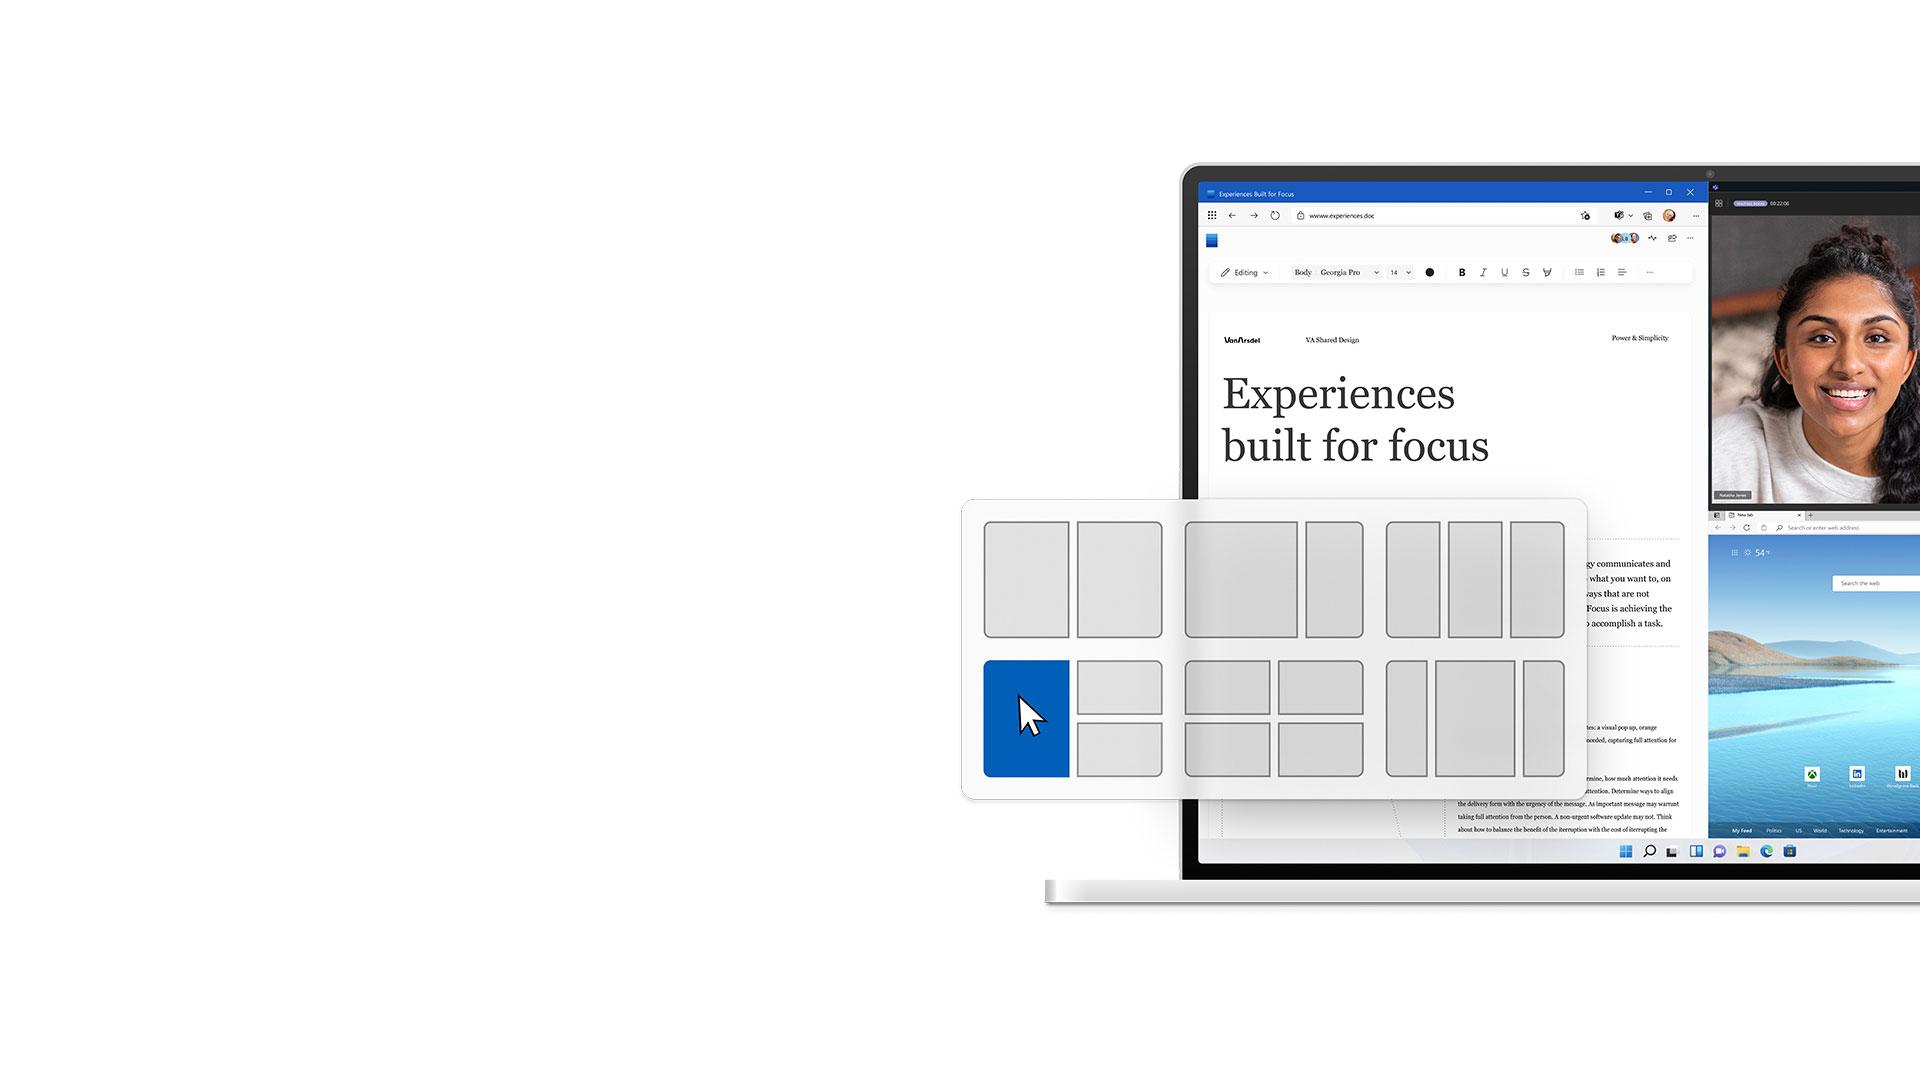 Funkce Přichycení ve Windows 11 zobrazující tři aplikace na jedné obrazovce